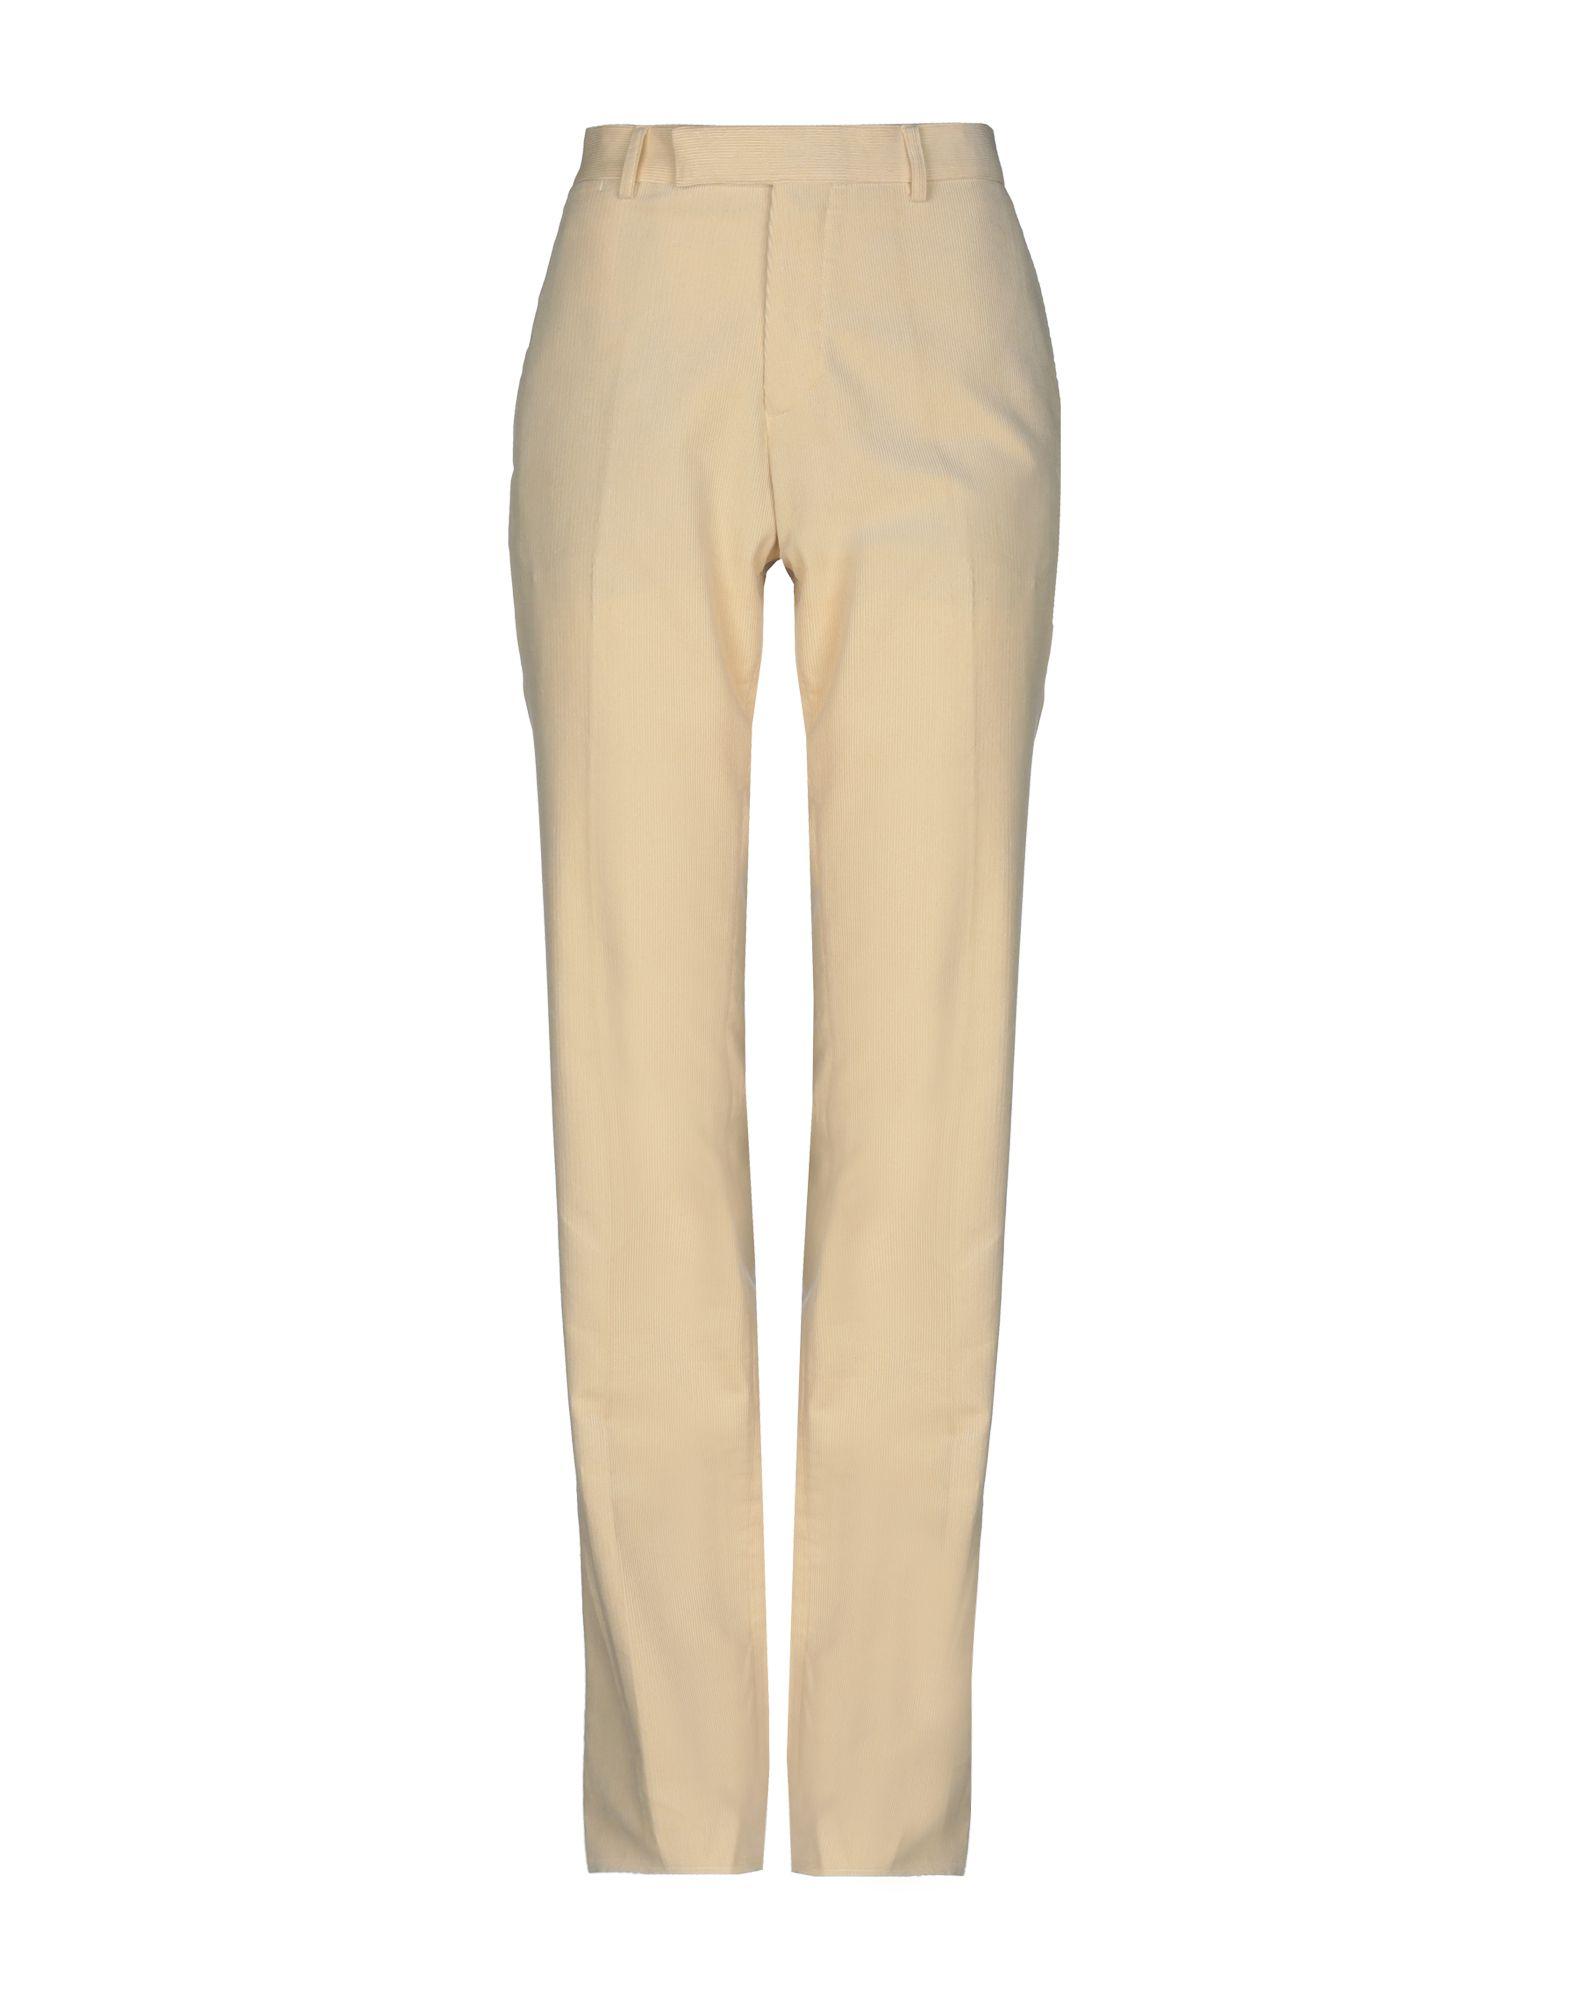 Повседневные брюки  Бежевый цвета